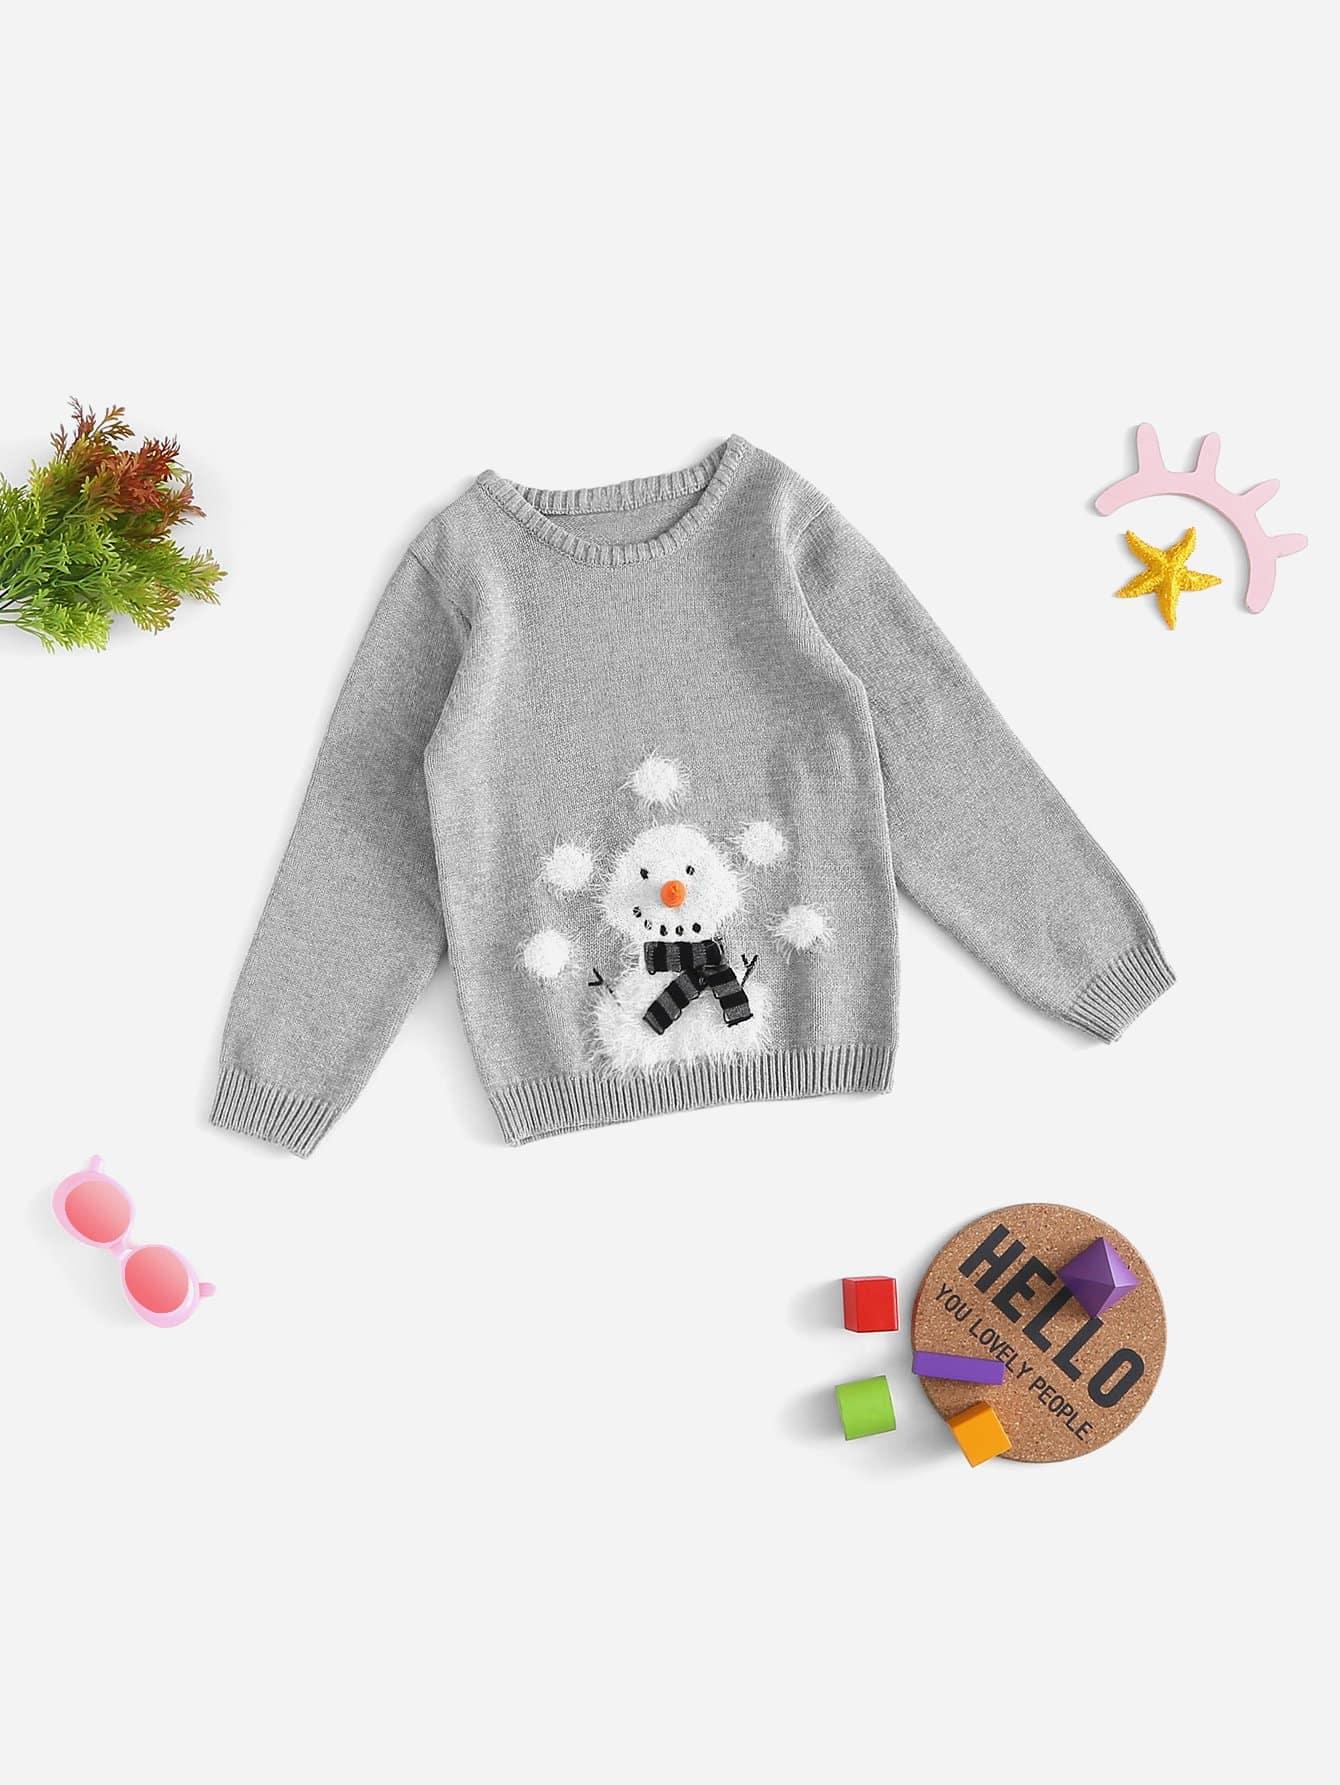 Купить Фуфайка с принтом снеговика для плода мужского рода, null, SheIn